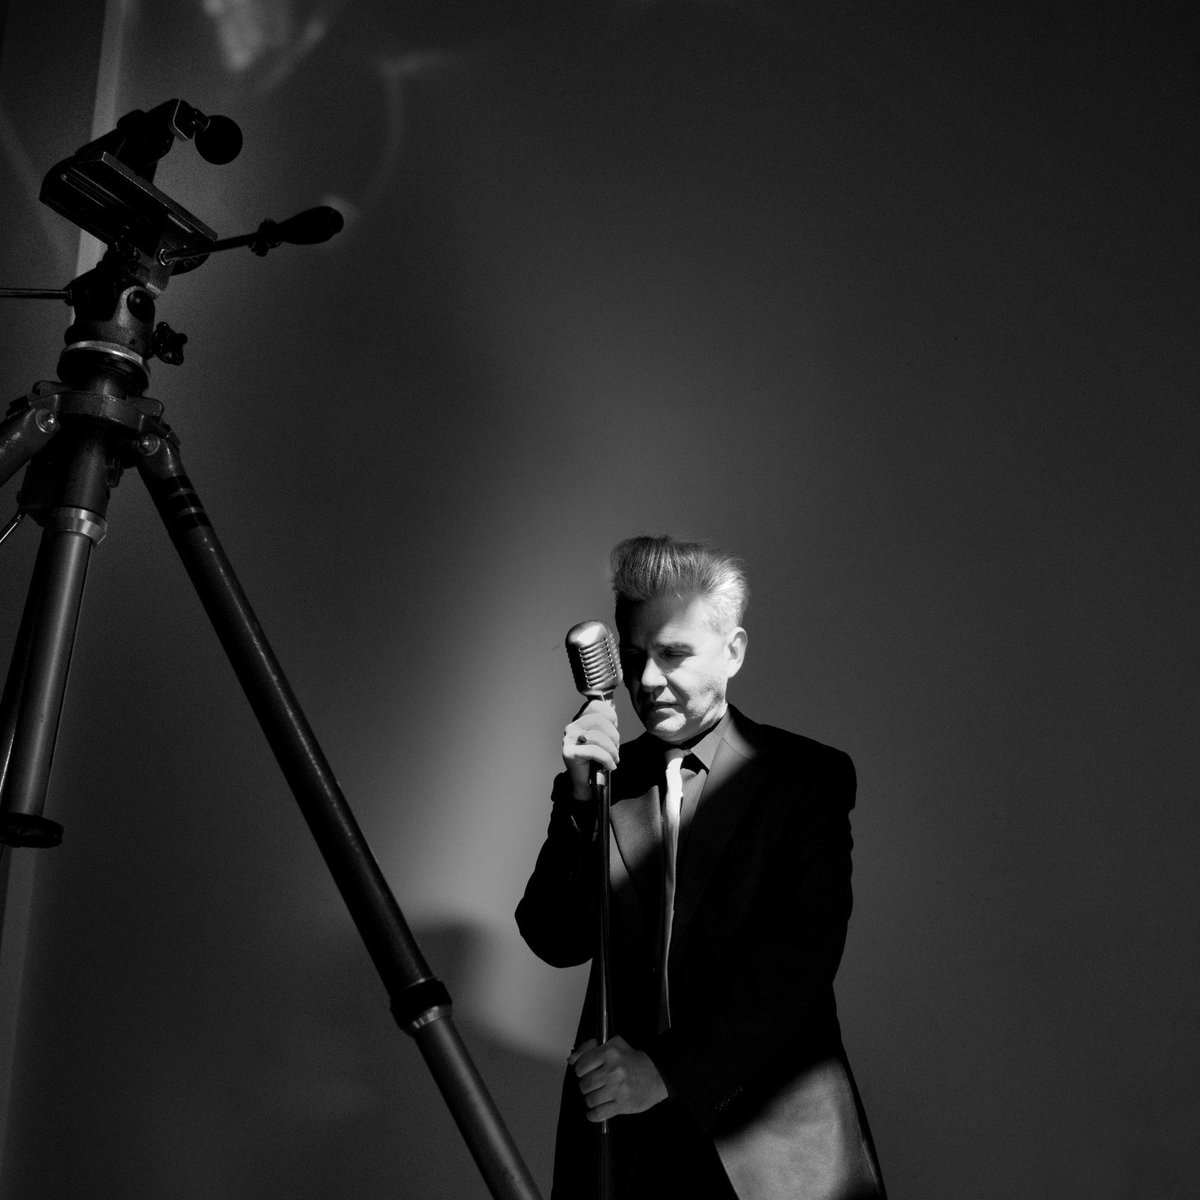 """test Twitter Media - En shock después de la sesión el lunes pasado en el estudio de Antonio Alay, haciendo fotos y algunos planos en video para mi próximo álbum, """"Tiempos Traidores"""". El material que de este acto creativo va a salir es arrebatador e impactante. @rutaalrock @Rockandsunday @guiadelrock https://t.co/IQYnK3k9jF"""